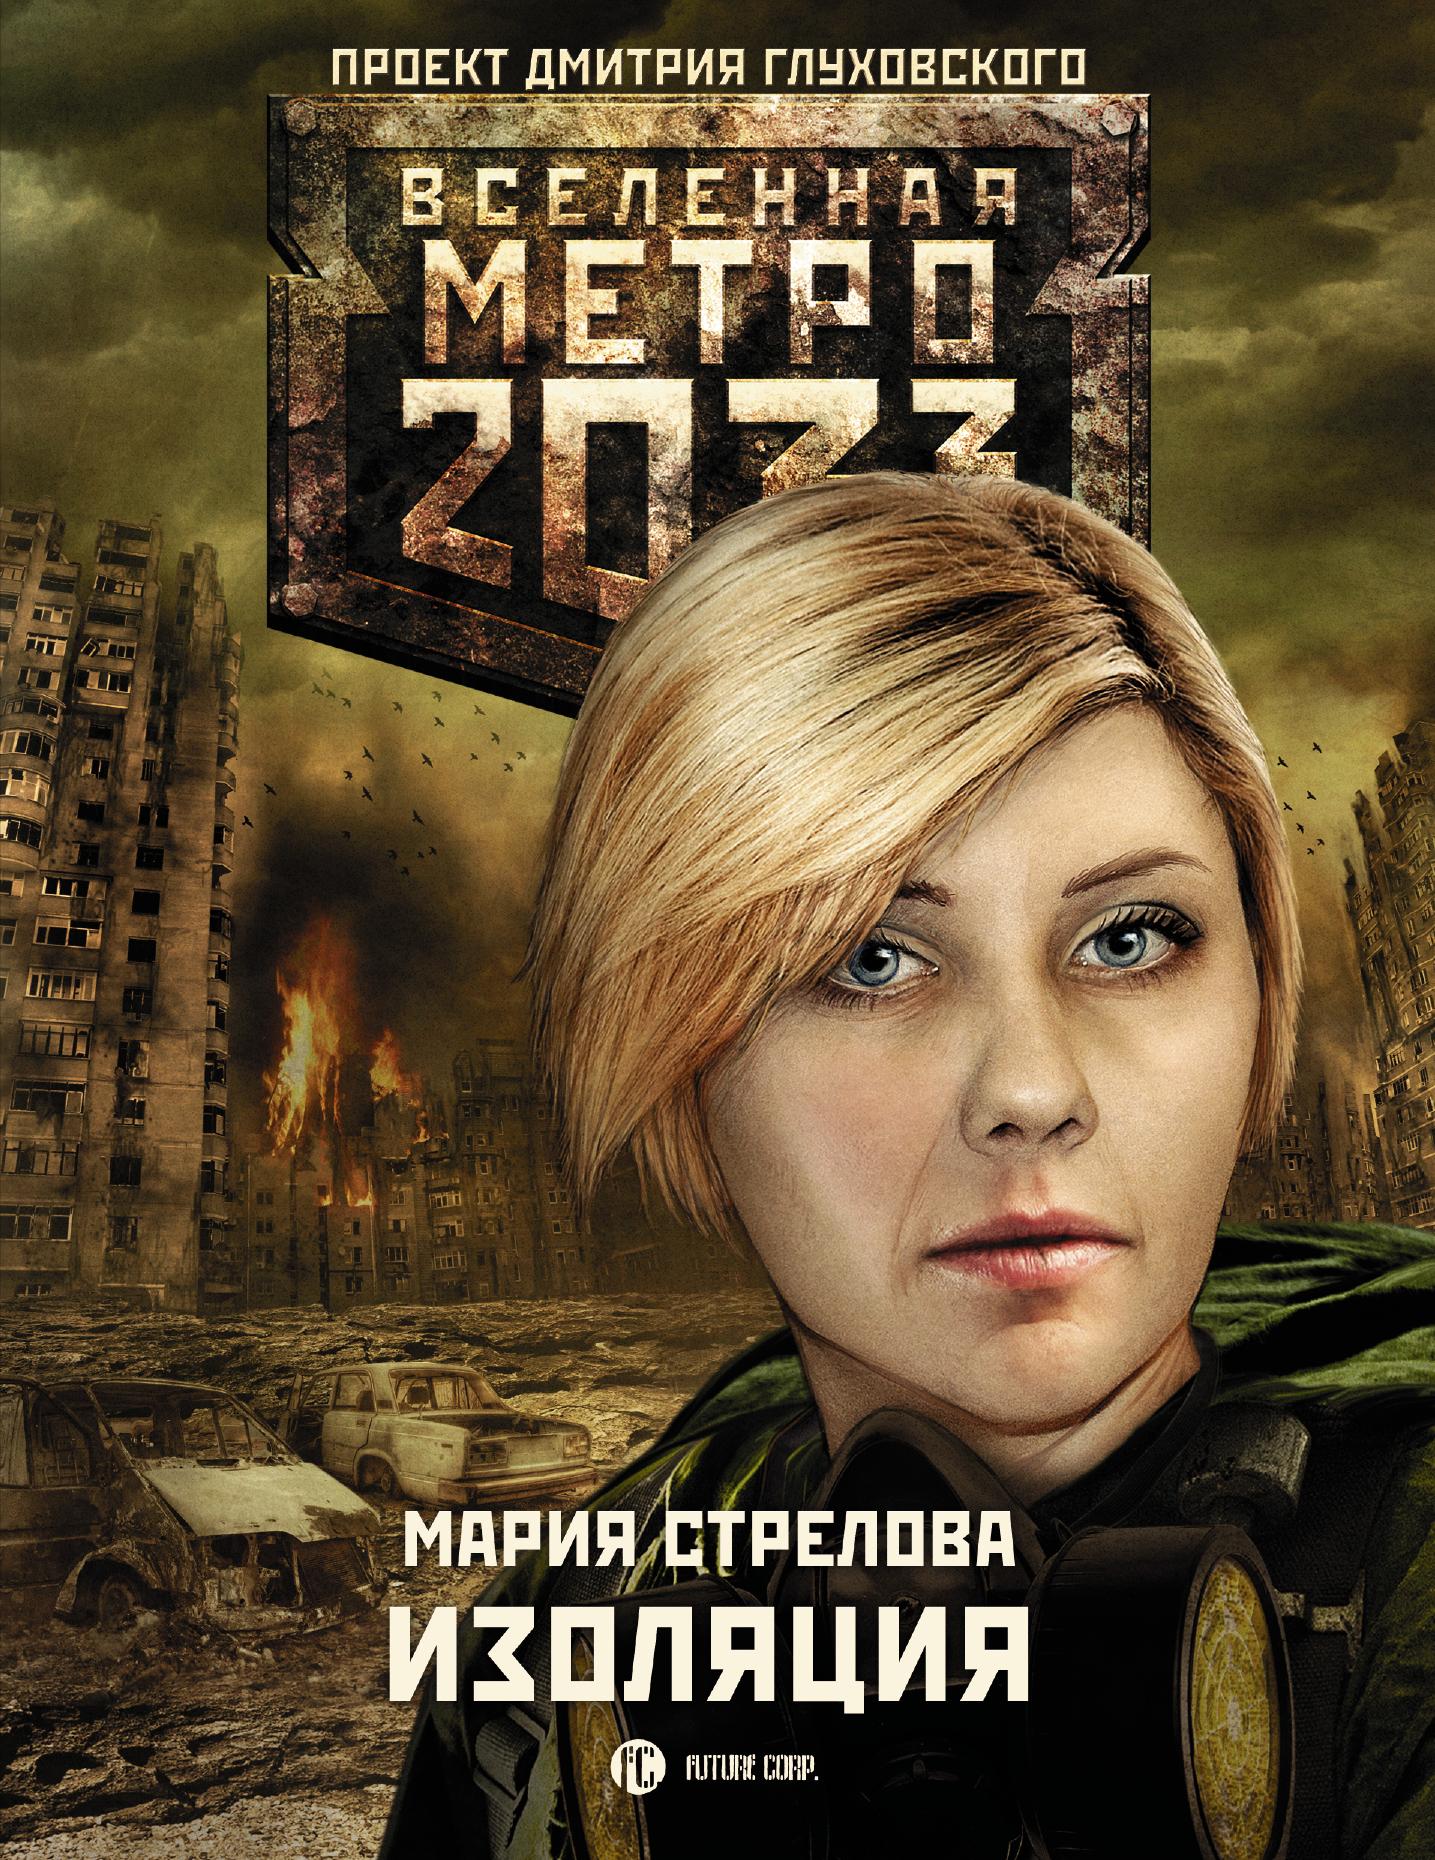 Стрелова М.А. Метро 2033: Изоляция осипов и в метро 2033 лешие не умирают